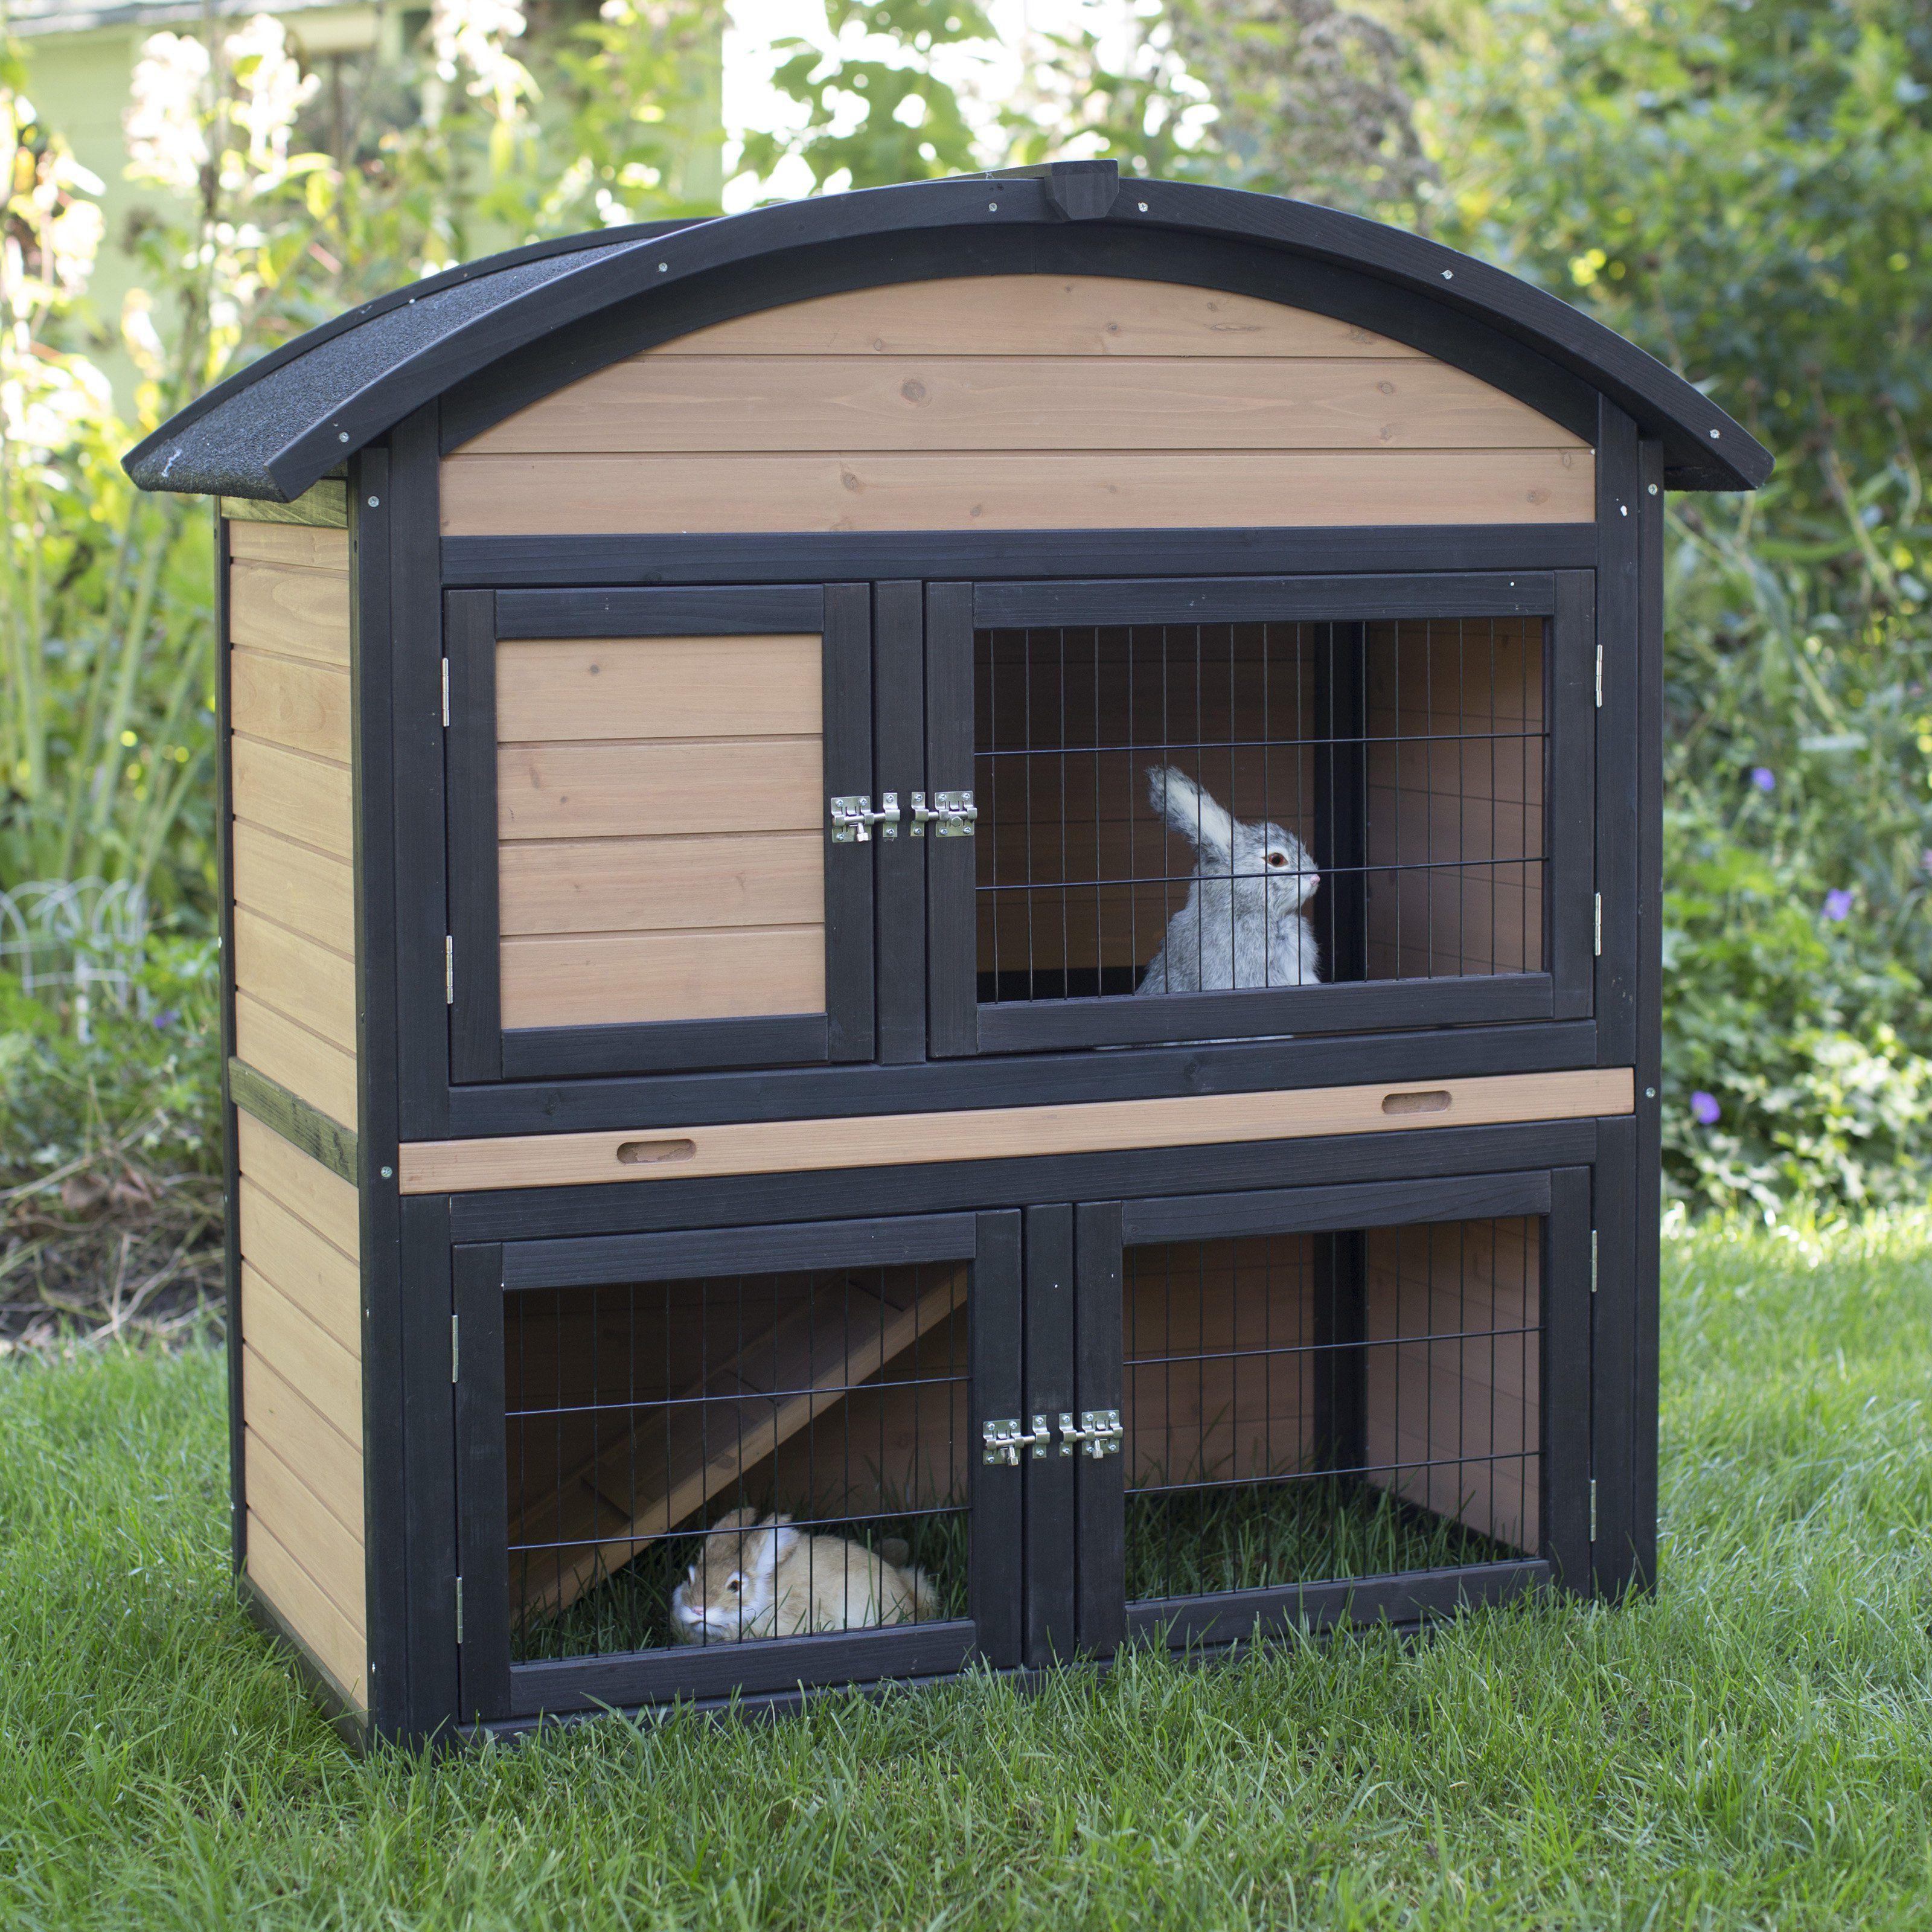 такое фото домашних крольчатников тебя